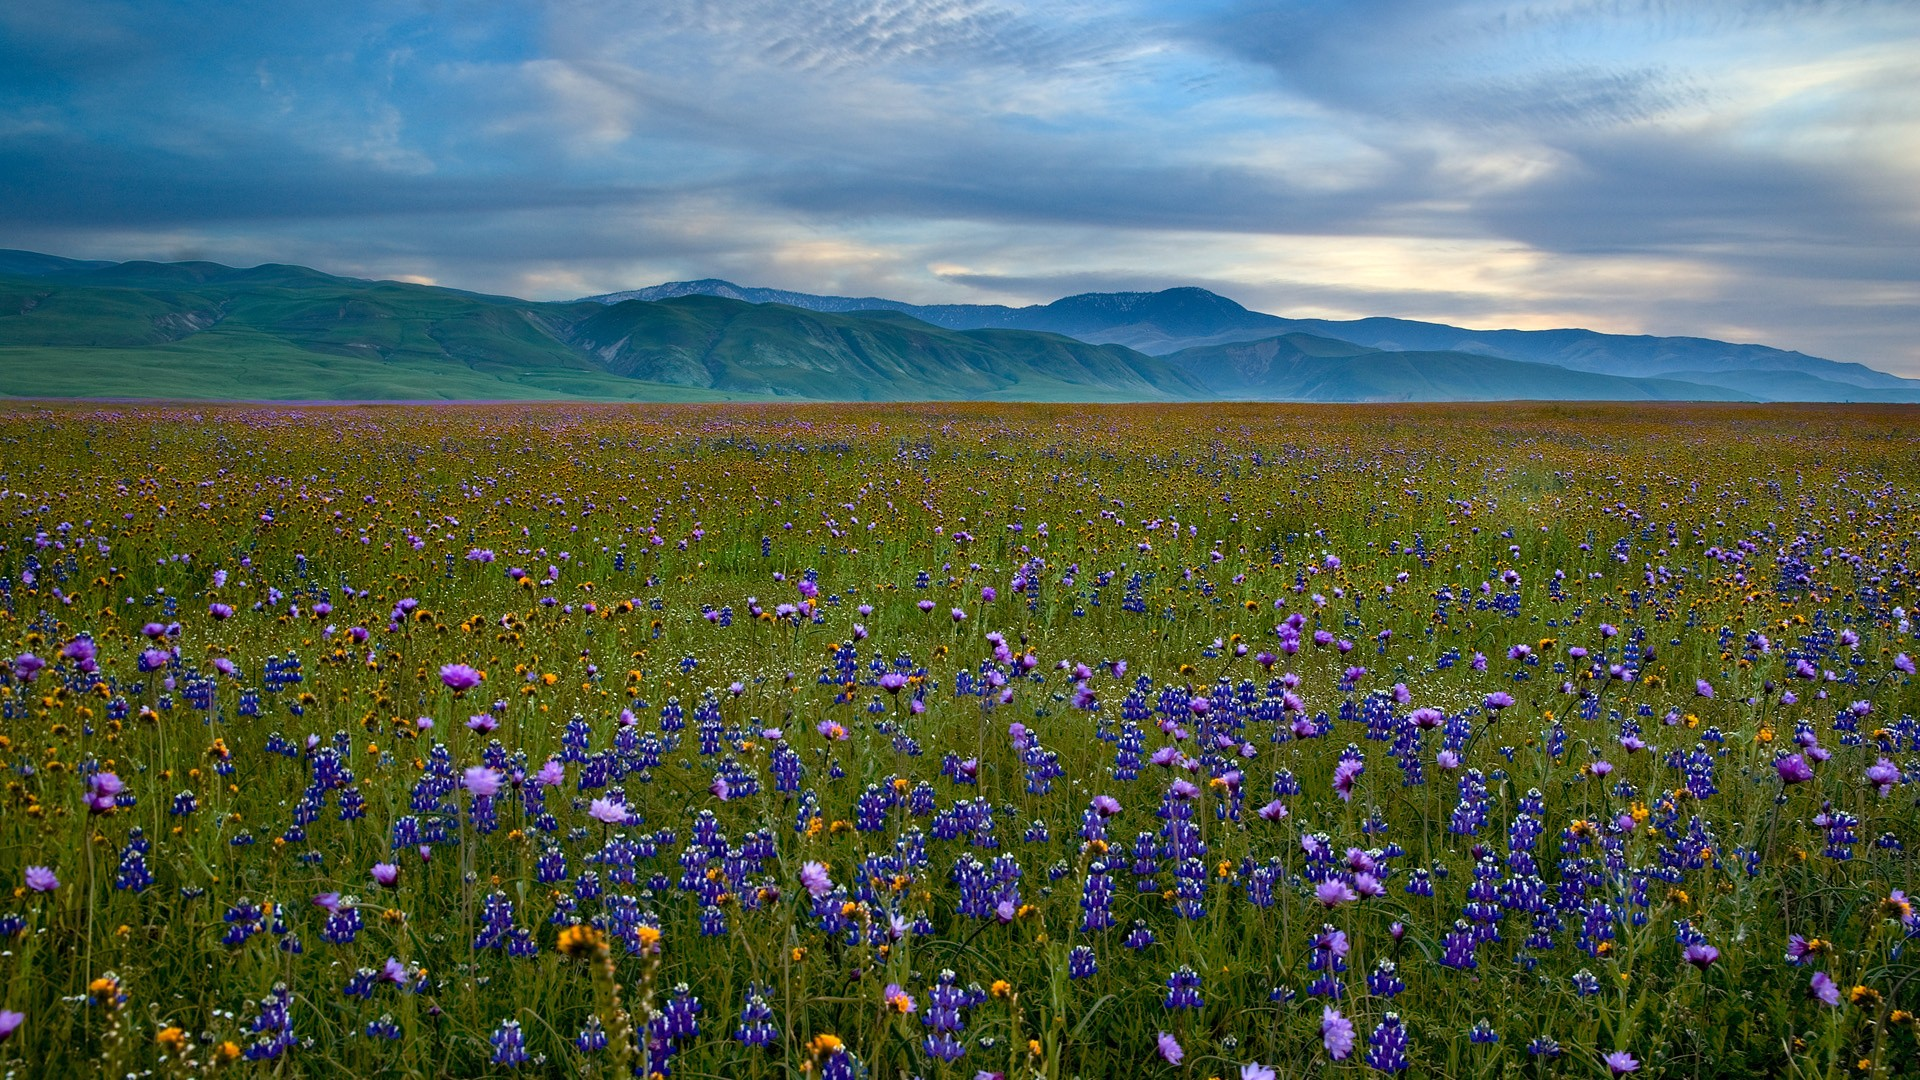 Beautiful Wildflower Meadow Wallpaper; Free Meadow Wallpaper; Lovely Wildflower Meadow Wallpaper; Wildflower Meadow Wallpaper ...